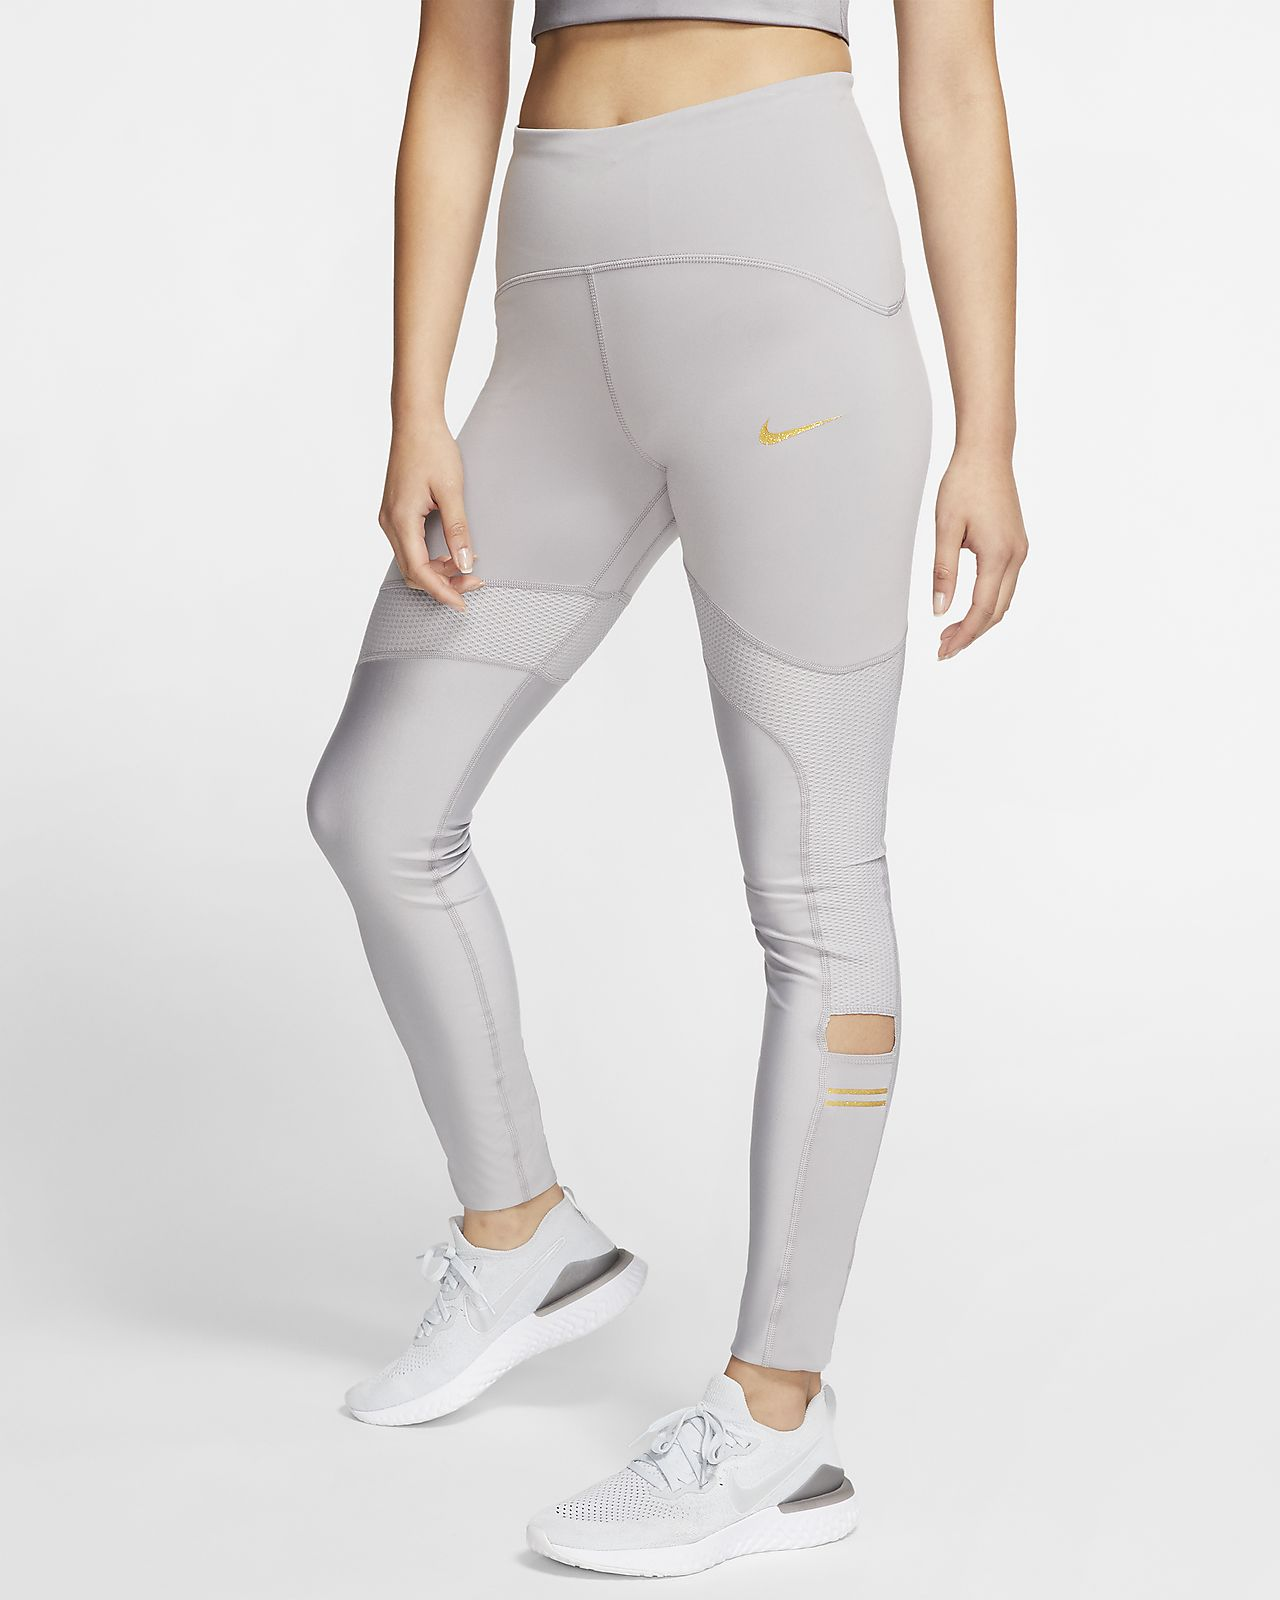 Nike Speed Women's 7/8 Running Leggings